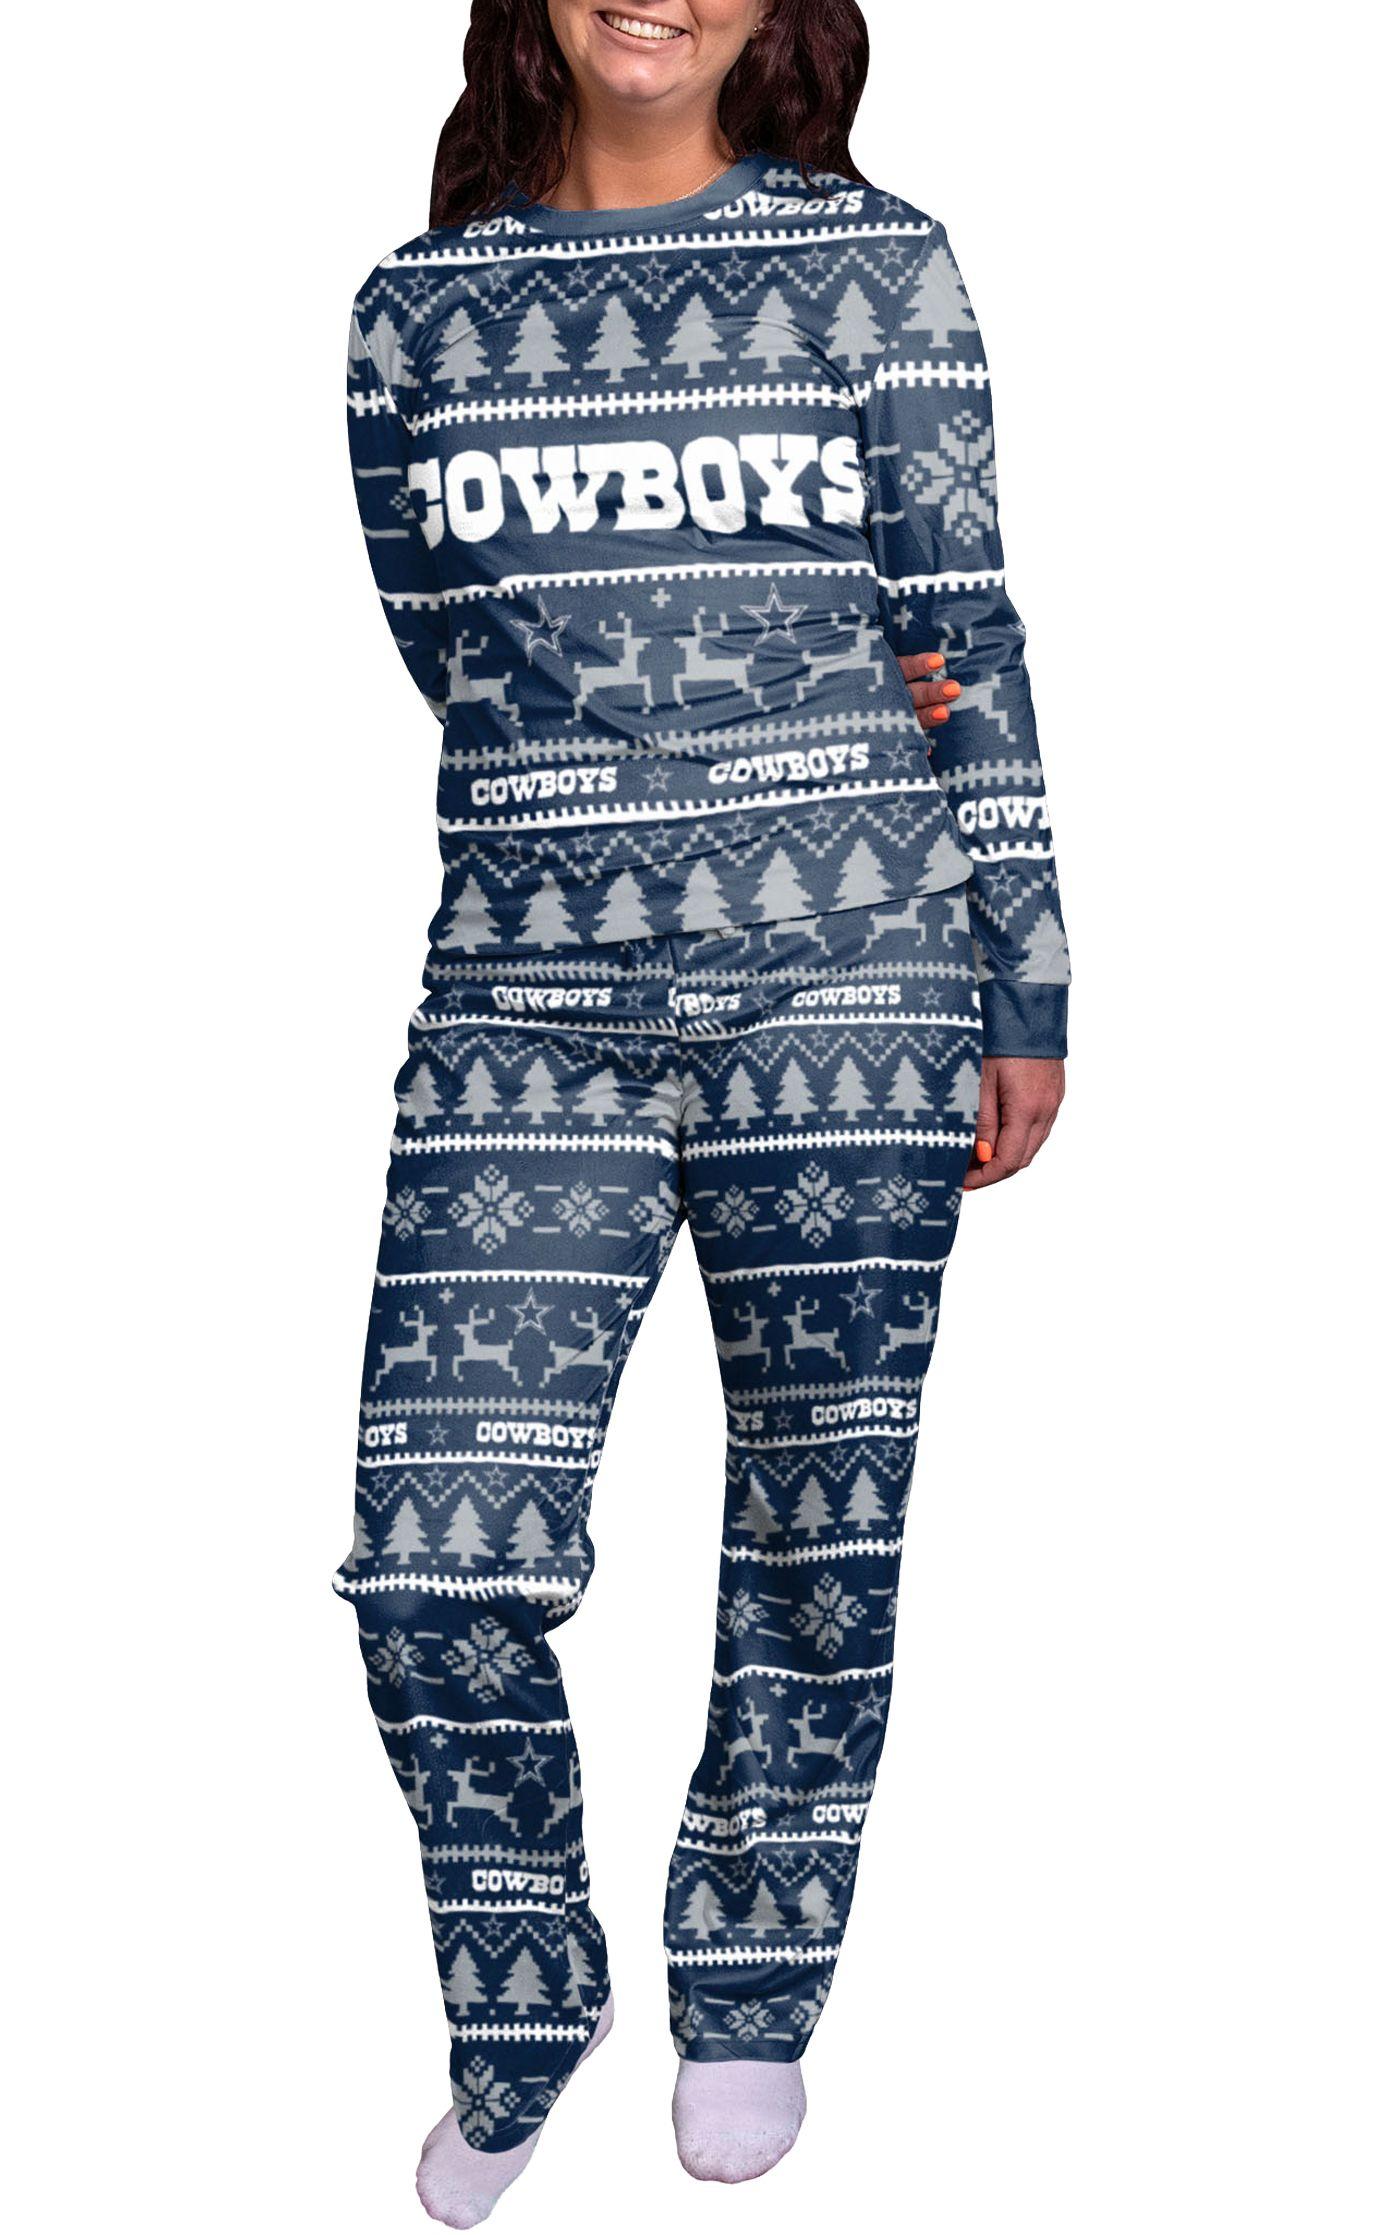 FOCO Women's Dallas Cowboys Wordmark Crew Pajama Set